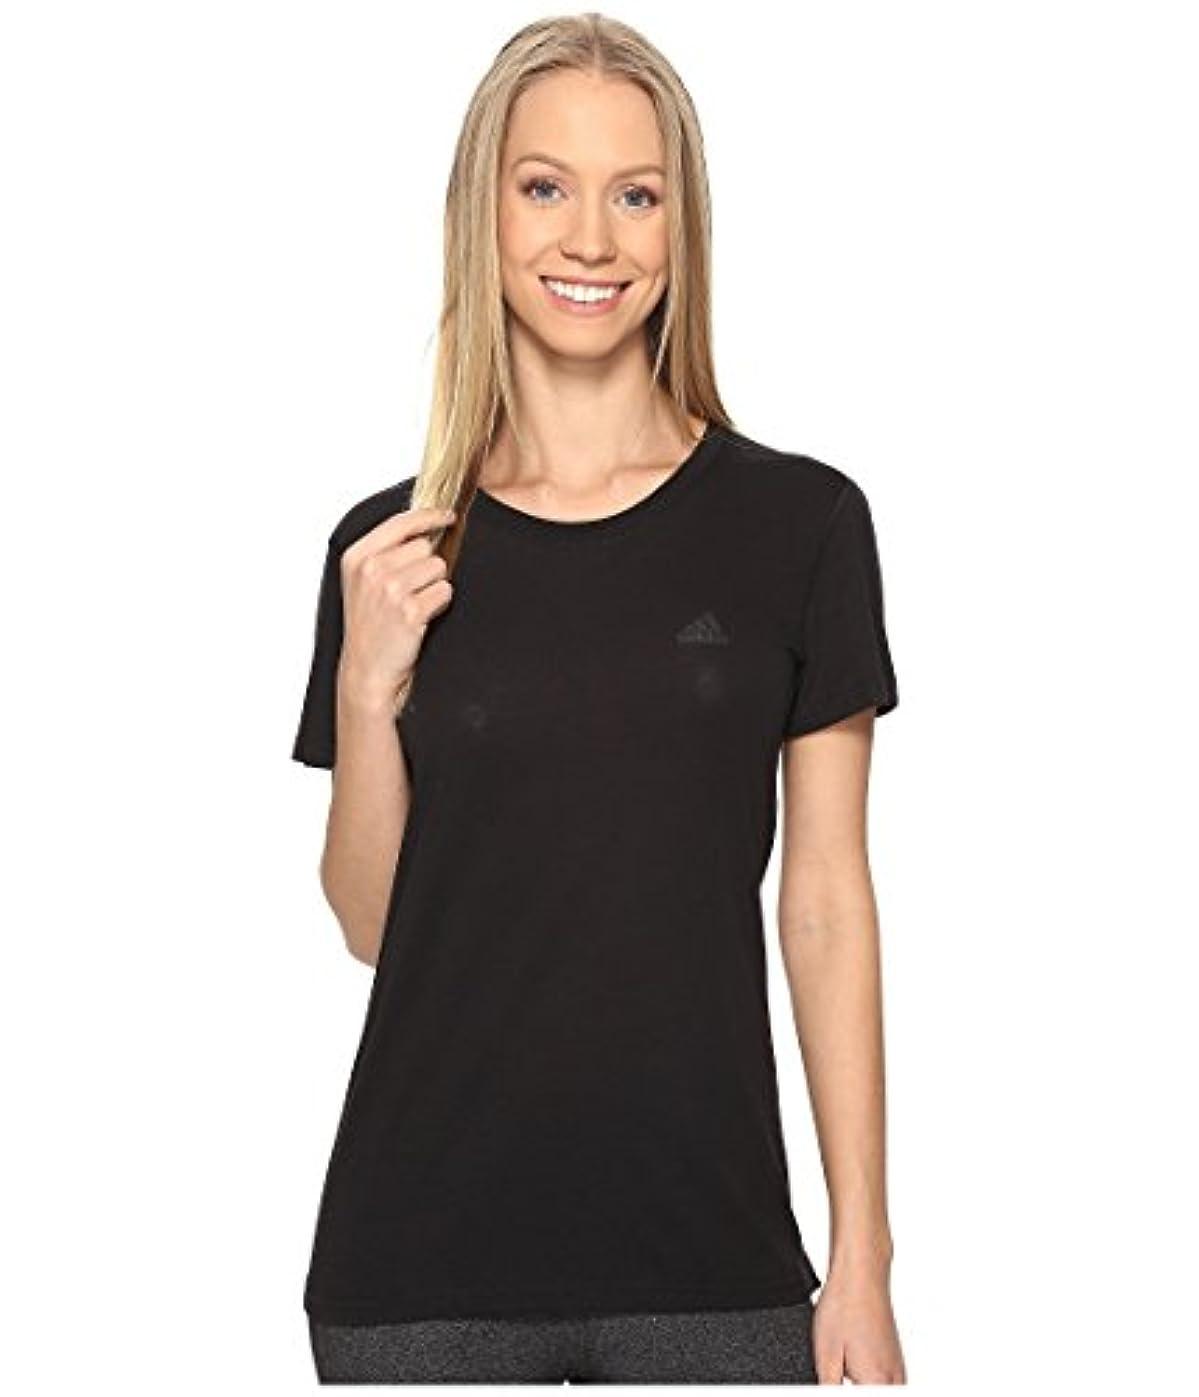 汚物男らしさアプト(アディダス) adidas レディースタンクトップ?Tシャツ Ultimate Short Sleeve Tee Black/Black 2XL (2XL) One Size